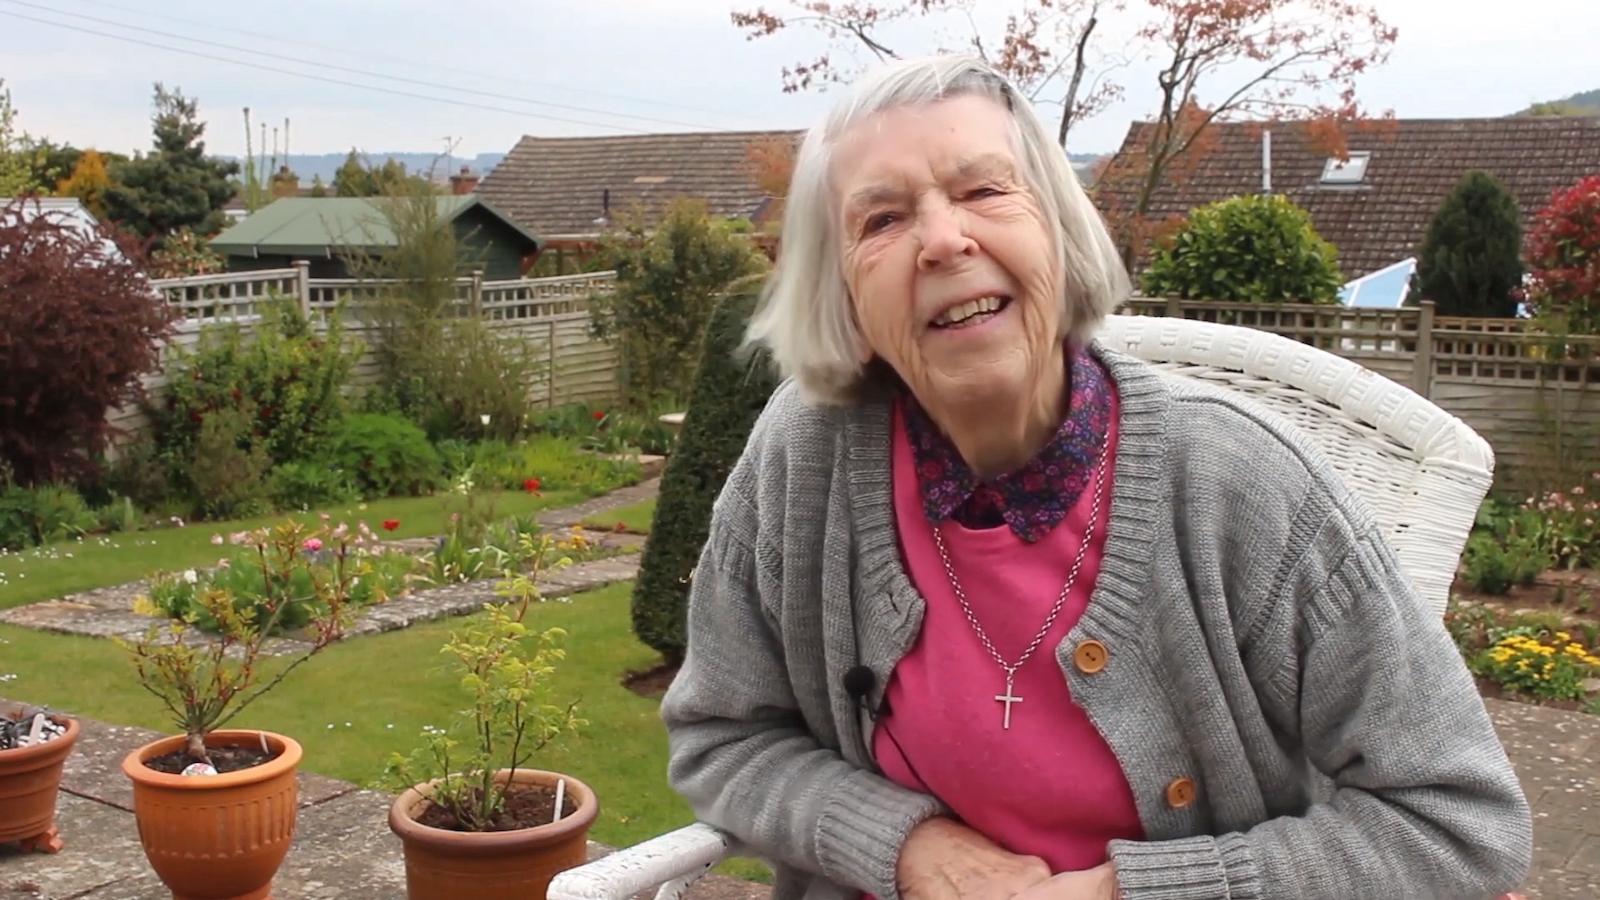 Meryl Bedford